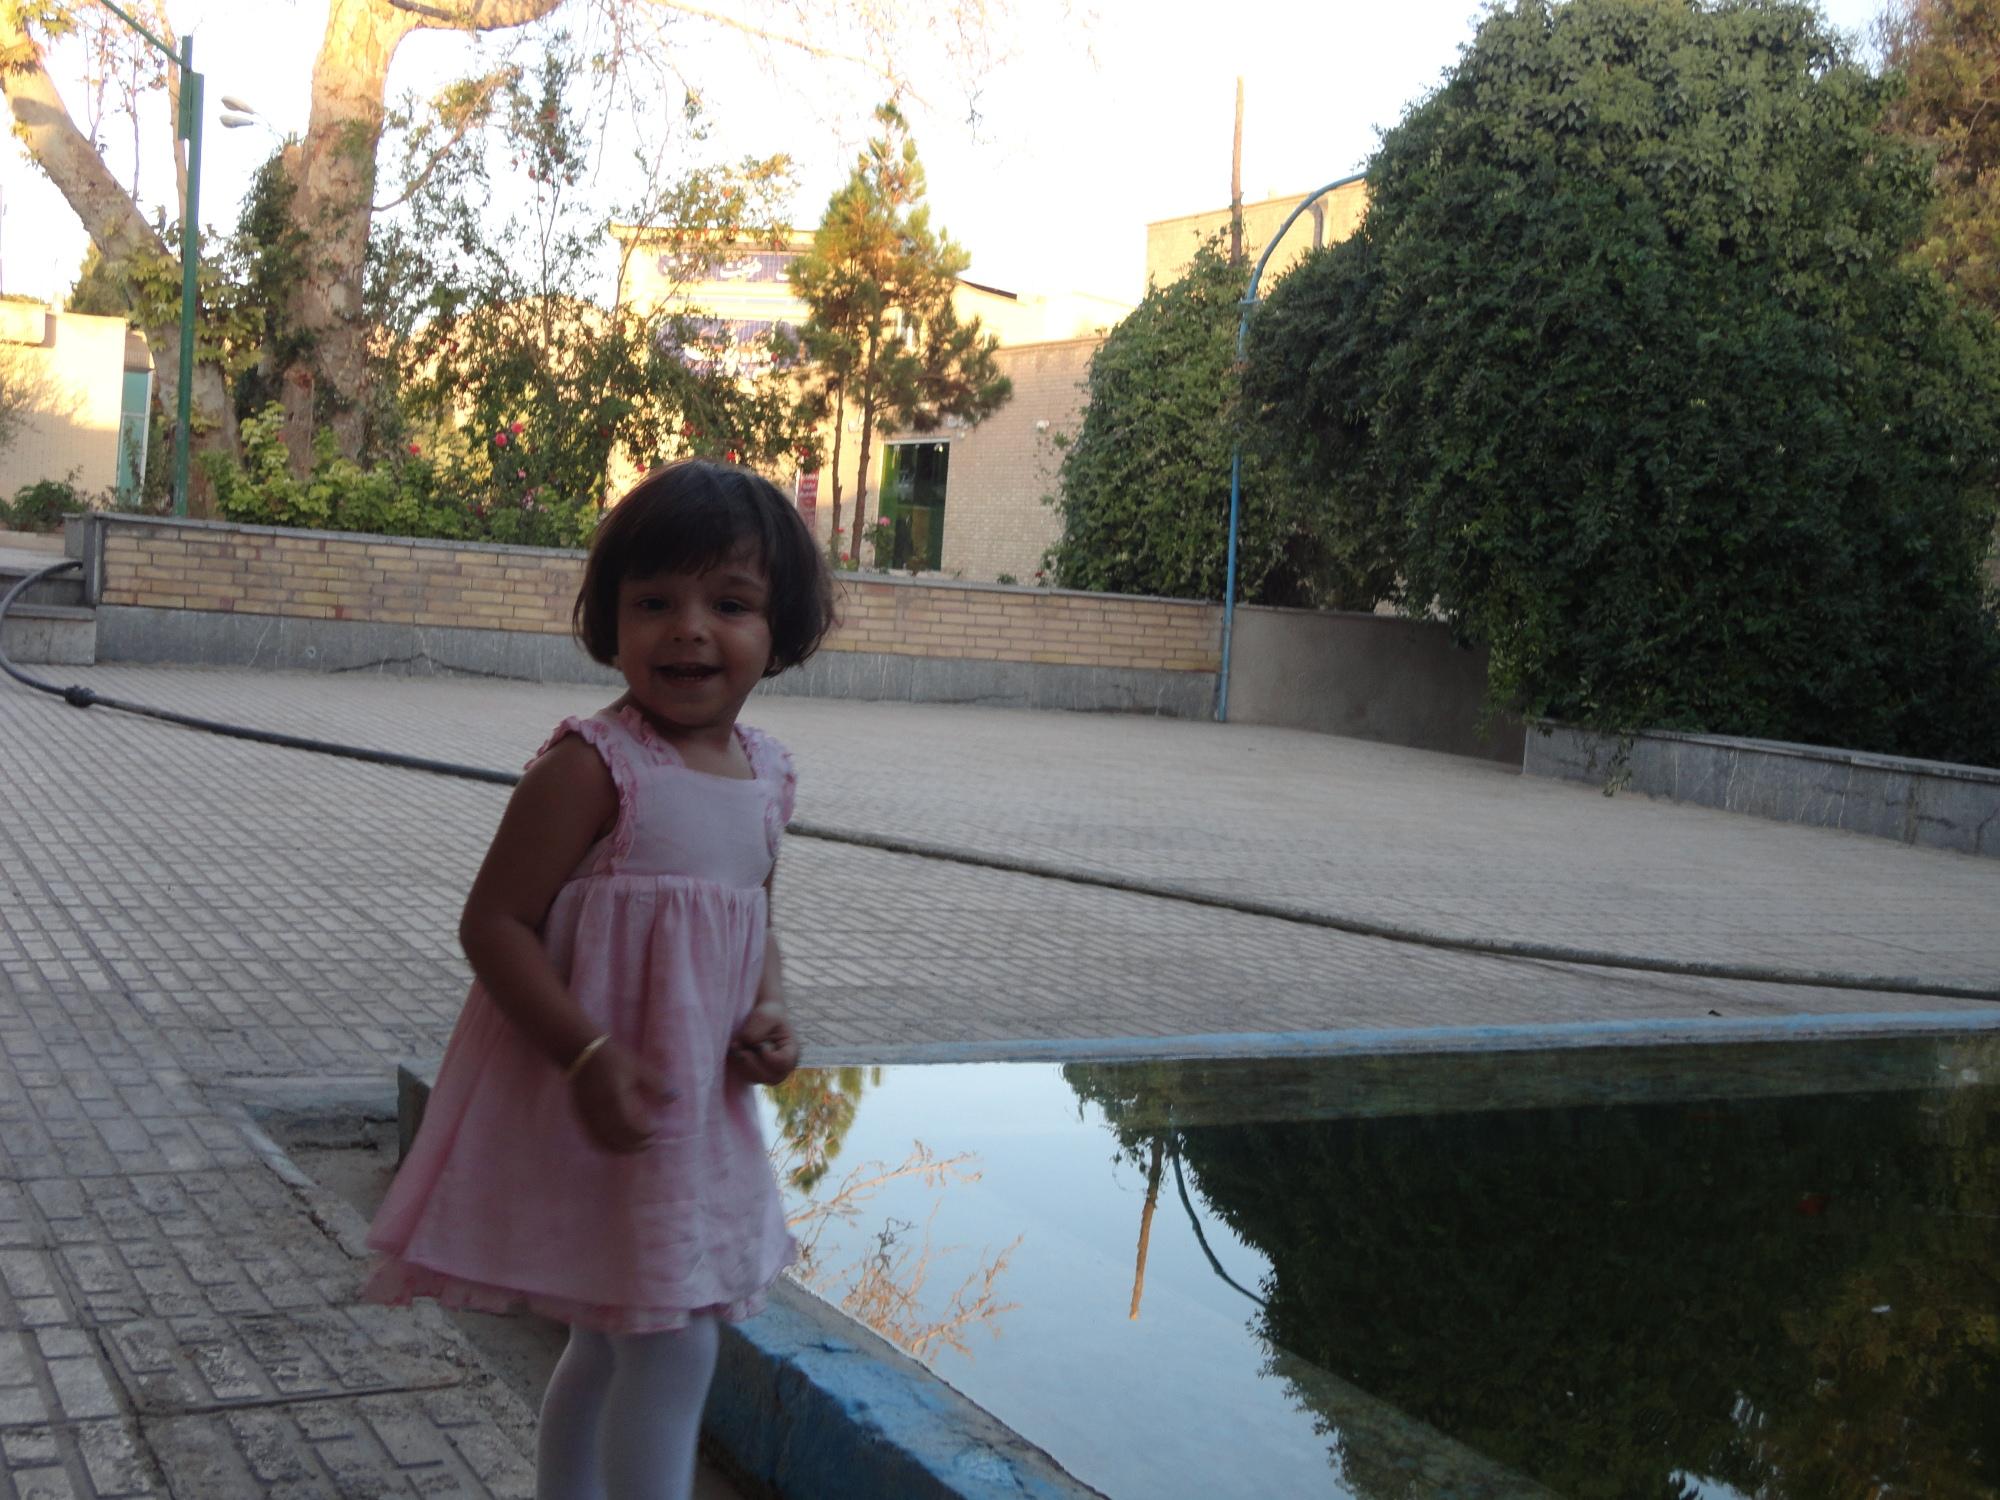 http://avin89.persiangig.com/DSC01623.JPG